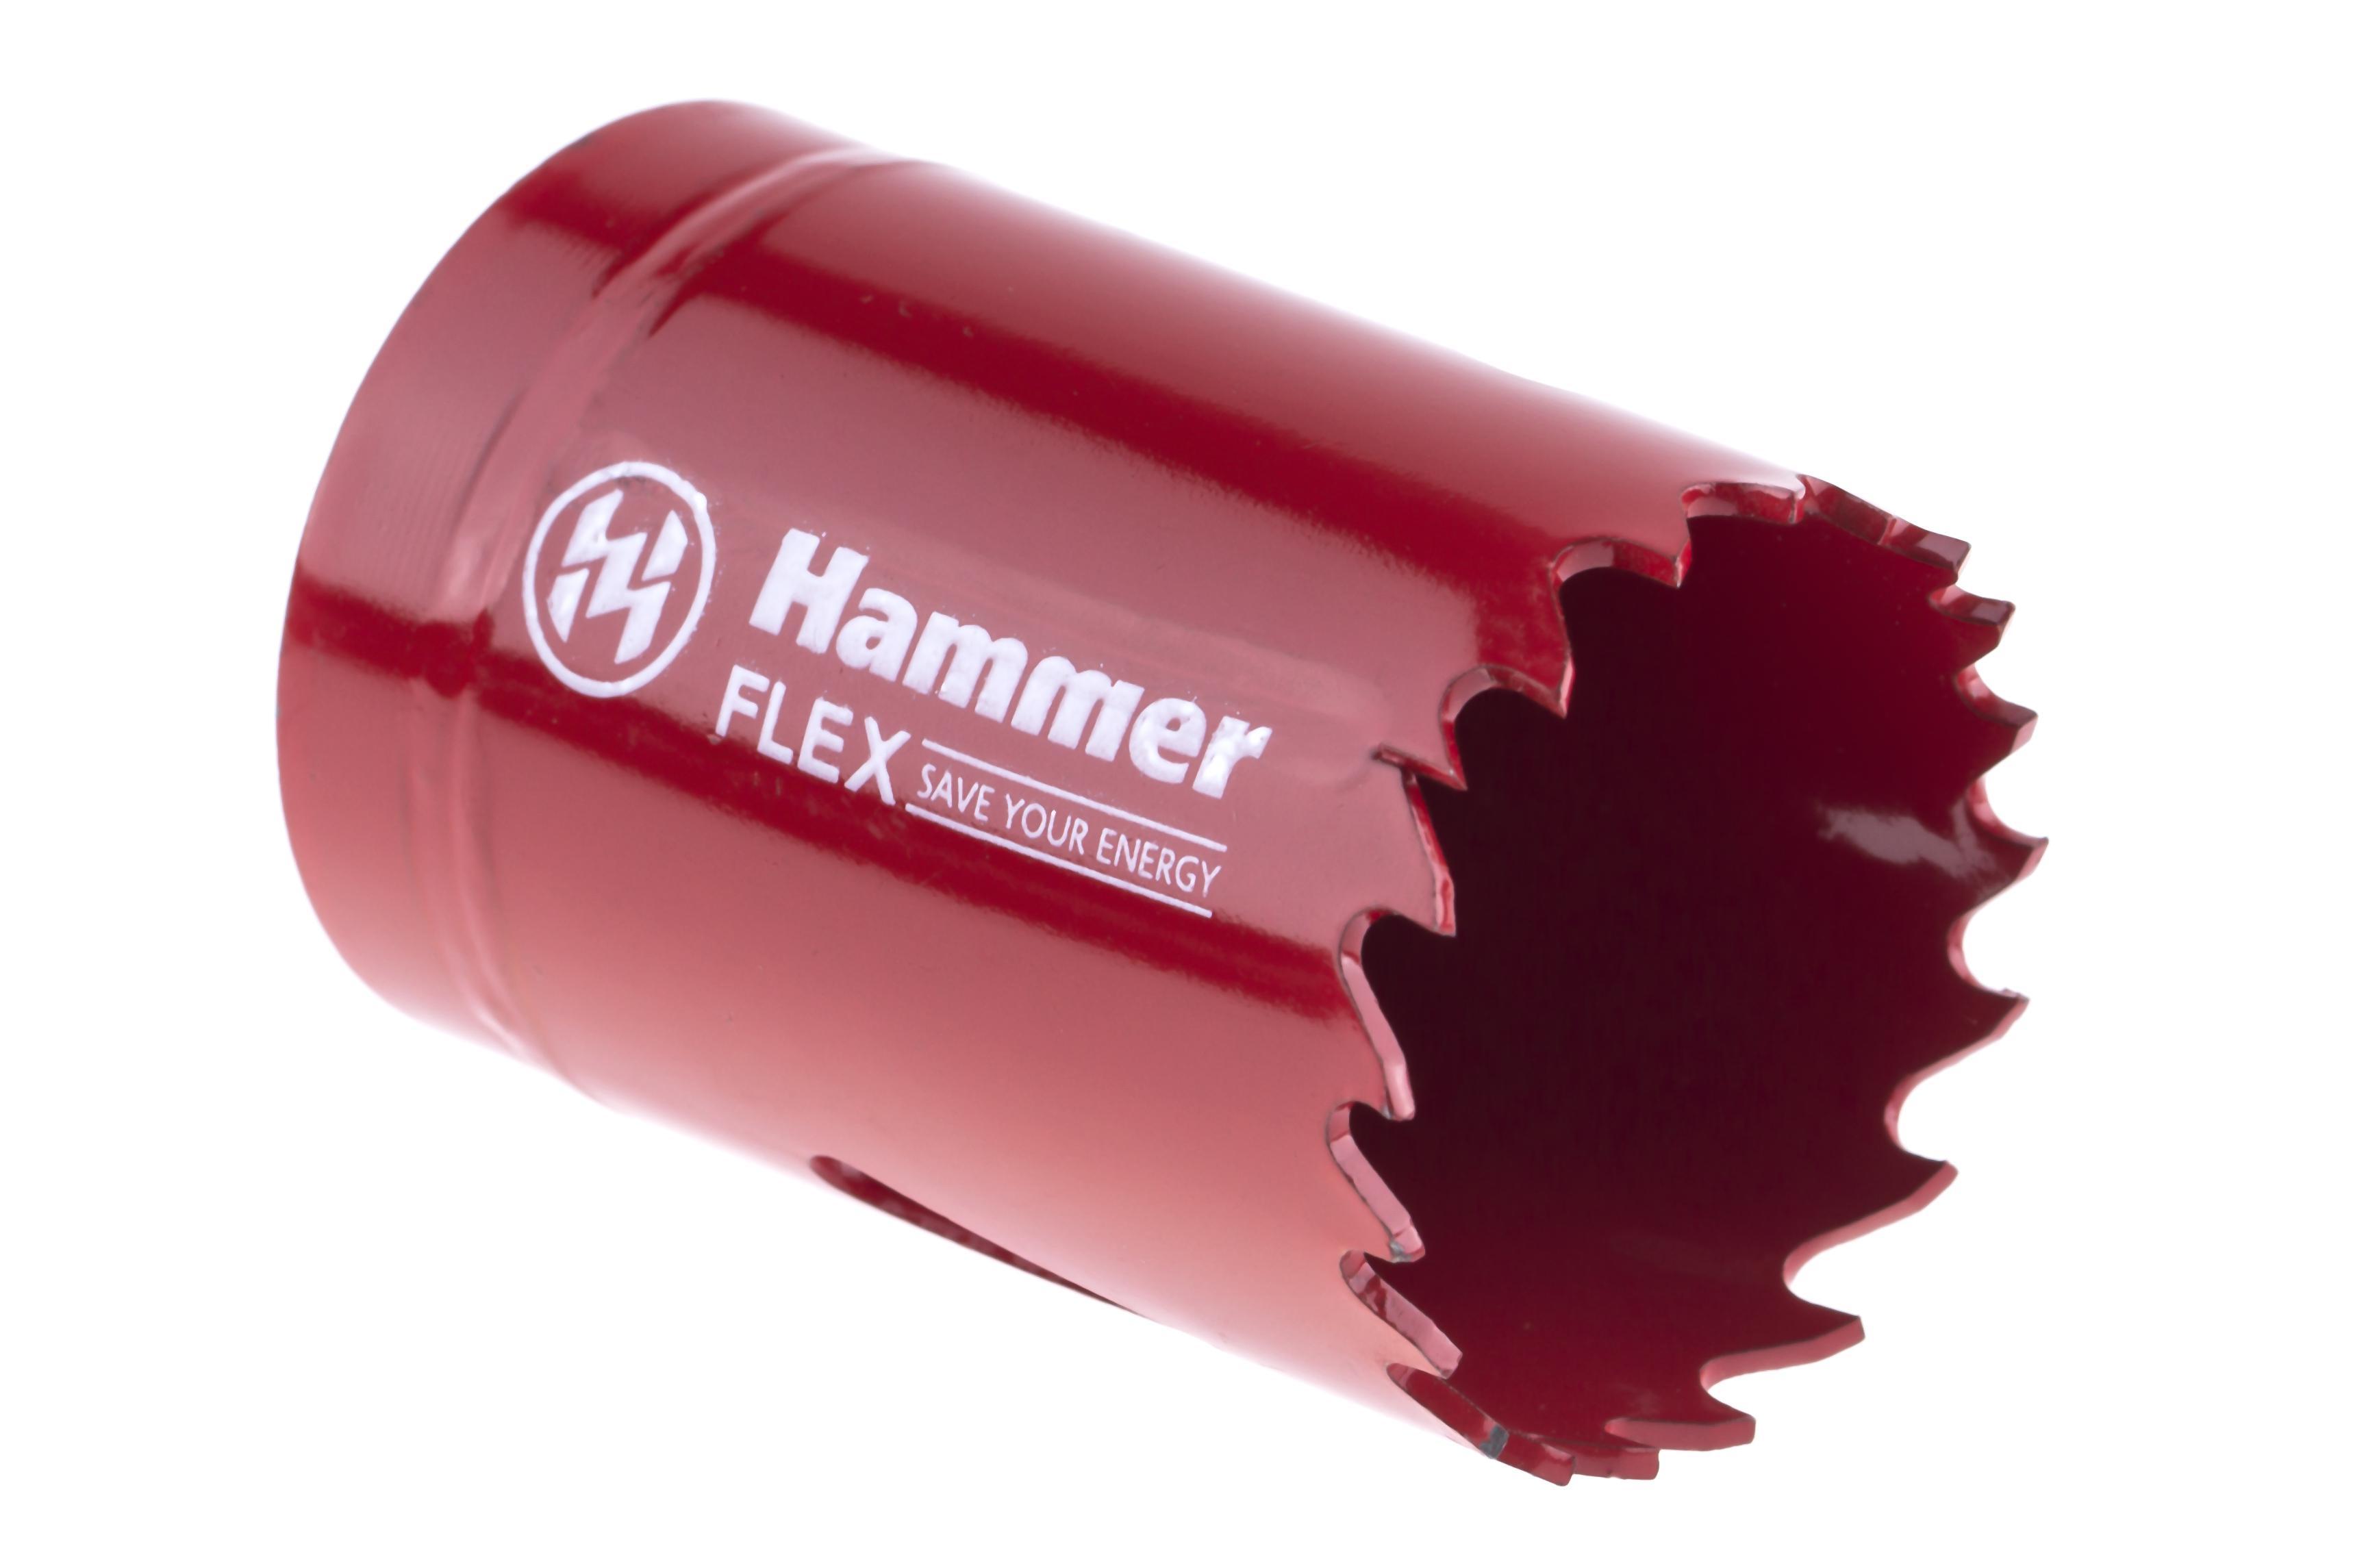 Коронка биметаллическая Hammer 224-007 bimetall 35 мм коронка биметаллическая hammer 224 011 bimetall 57 мм